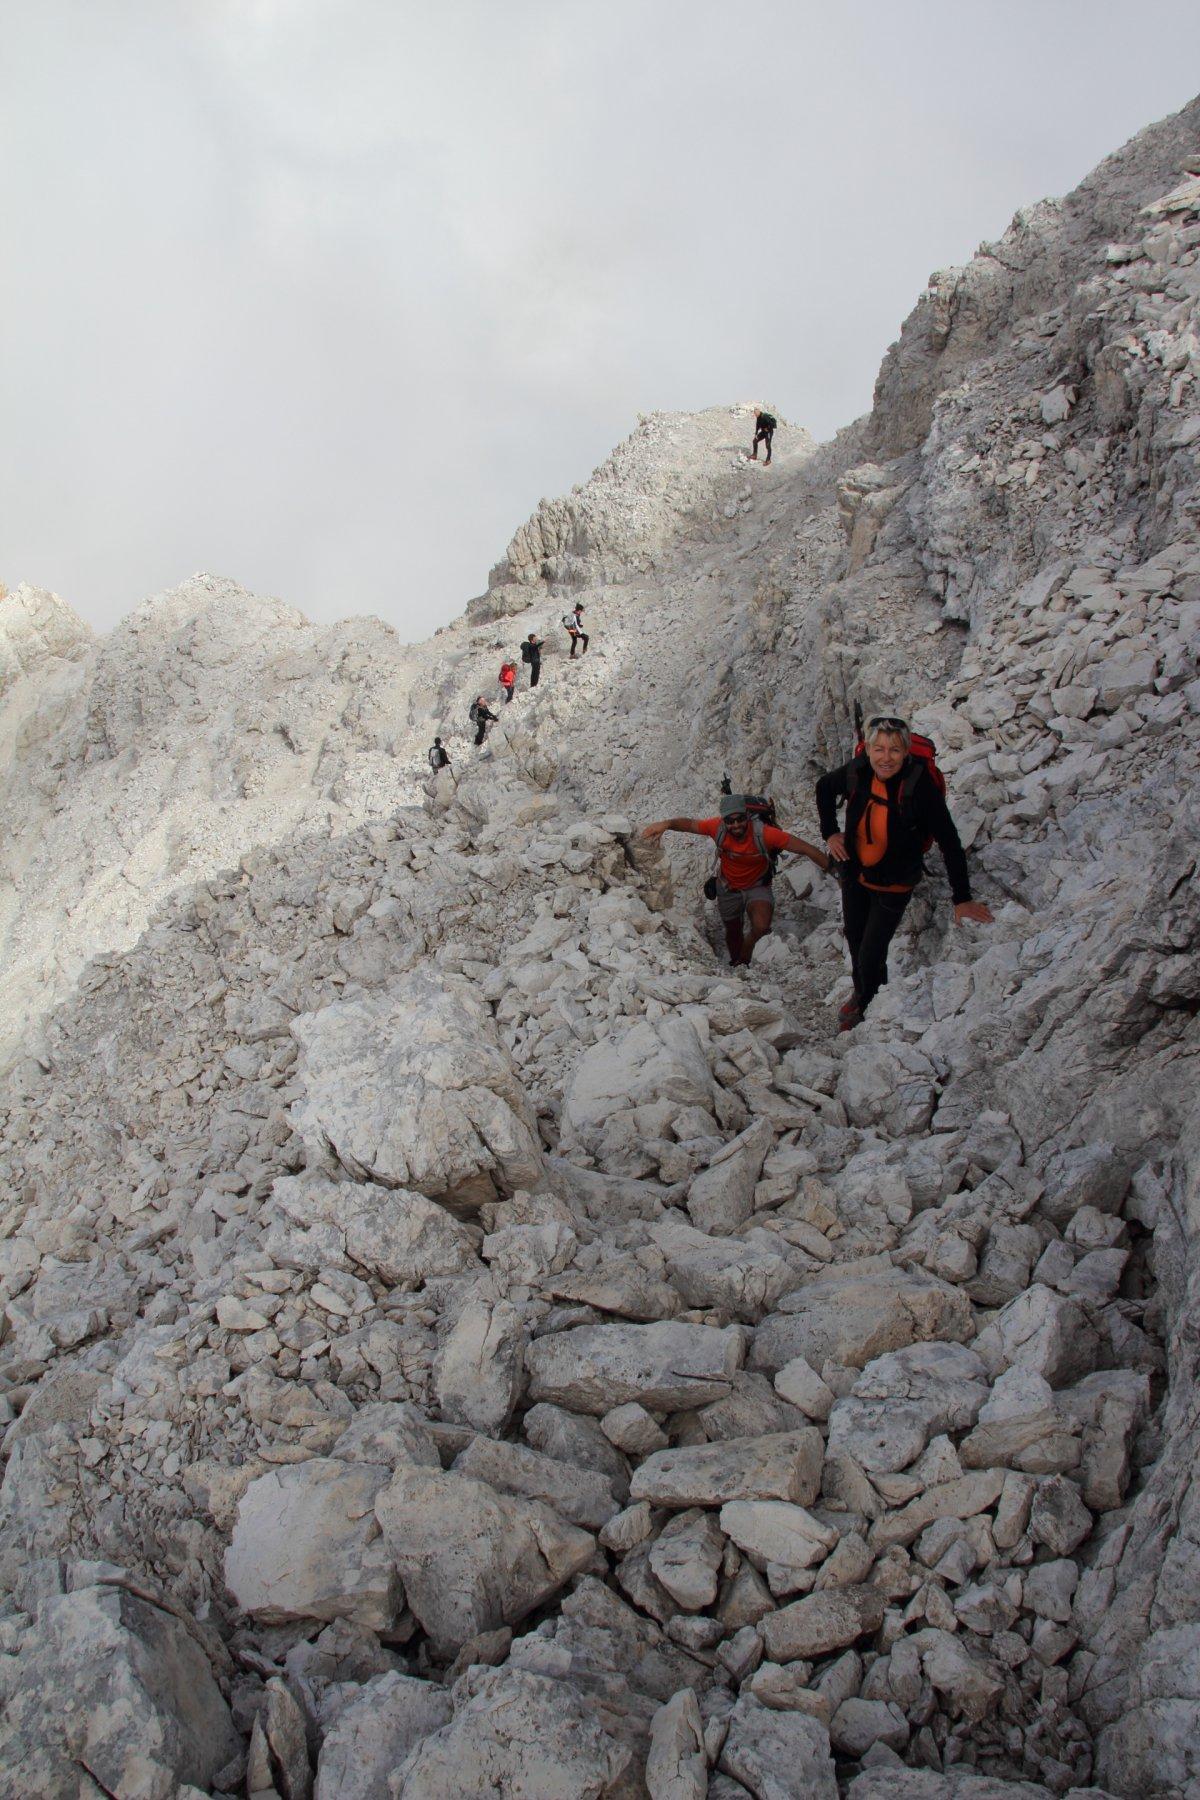 uscendo dal canalino roccioso terminale che conduce in cresta (19-9-2015)